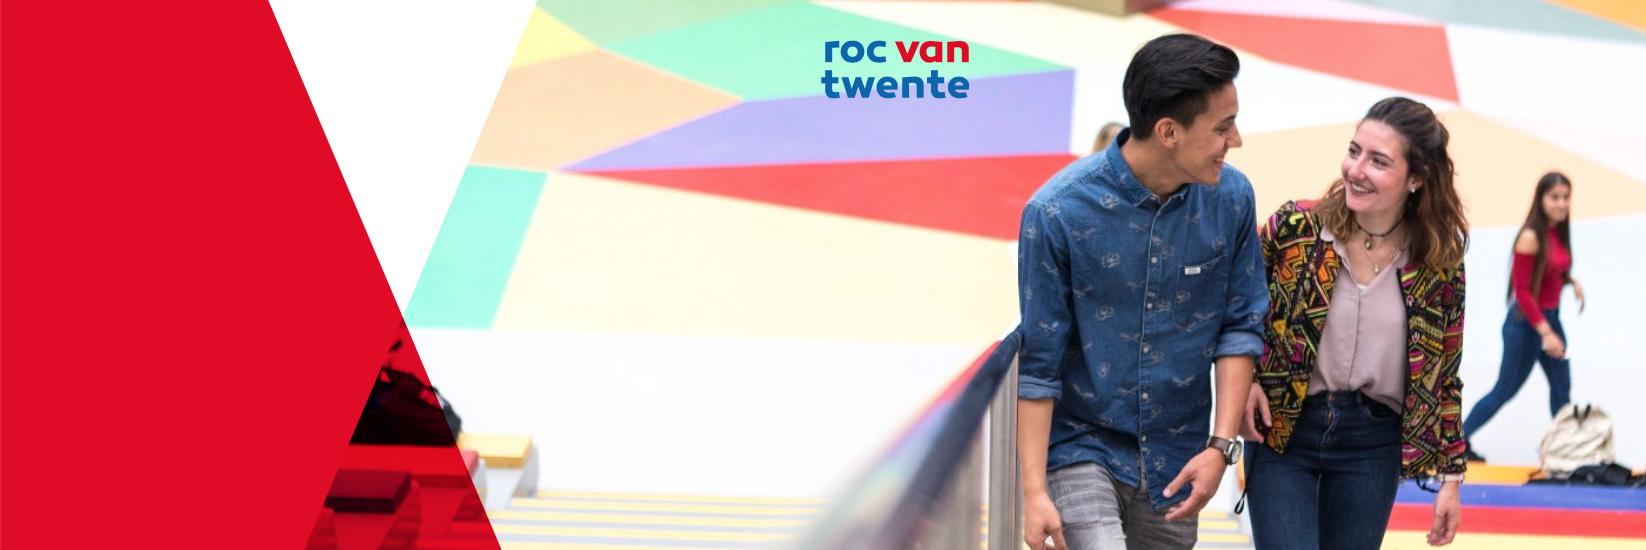 ROC van Twente | Professionele & zorgvuldige service voor betaalmogelijkheden, speciaal voor studenten van ROC van Twente